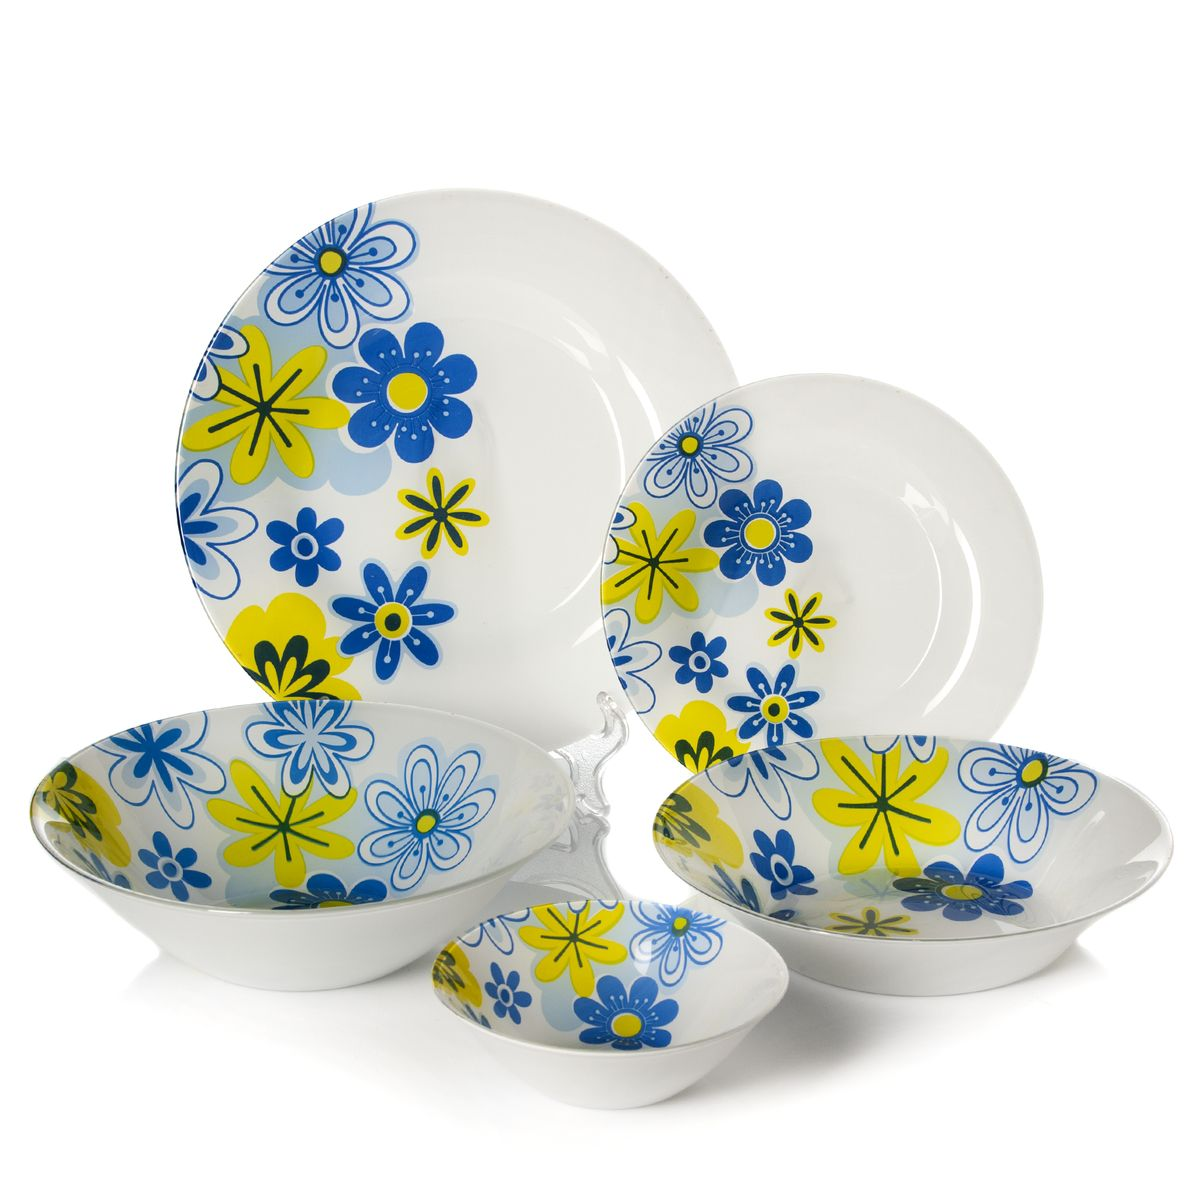 Набор столовый Pasabahce Spring, цвет: белый, голубой, 25 предметов115610Столовый набор Pasabahce Spring состоит из шести суповых тарелок, шести десертных тарелок, шести обеденных тарелок и семи салатников. Предметы набора выполнены из натрий-кальций-силикатного стекла, благодаря чему посуда будет использоваться очень долго, при этом сохраняя свой внешний вид. Предметы набора имеют повышенную термостойкость. Набор создаст отличное настроение во время обеда, будет уместен на любой кухне и понравится каждой хозяйке. Красочное оформление предметов набора придает ему оригинальность и торжественность. Практичный и современный дизайн делает набор довольно простым и удобным в эксплуатации.Предметы набора можно мыть в посудомоечной машине.Диаметр суповой тарелки: 22 см.Высота стенок суповой тарелки: 5 см.Диаметр обеденной тарелки: 26 см.Диаметр десертной тарелки: 19,5 см.Диаметр большого салатника: 23 см.Высота стенок большого салатника: 7 см.Диаметр салатника: 14 см.Высота стенок салатника: 4,5 см.